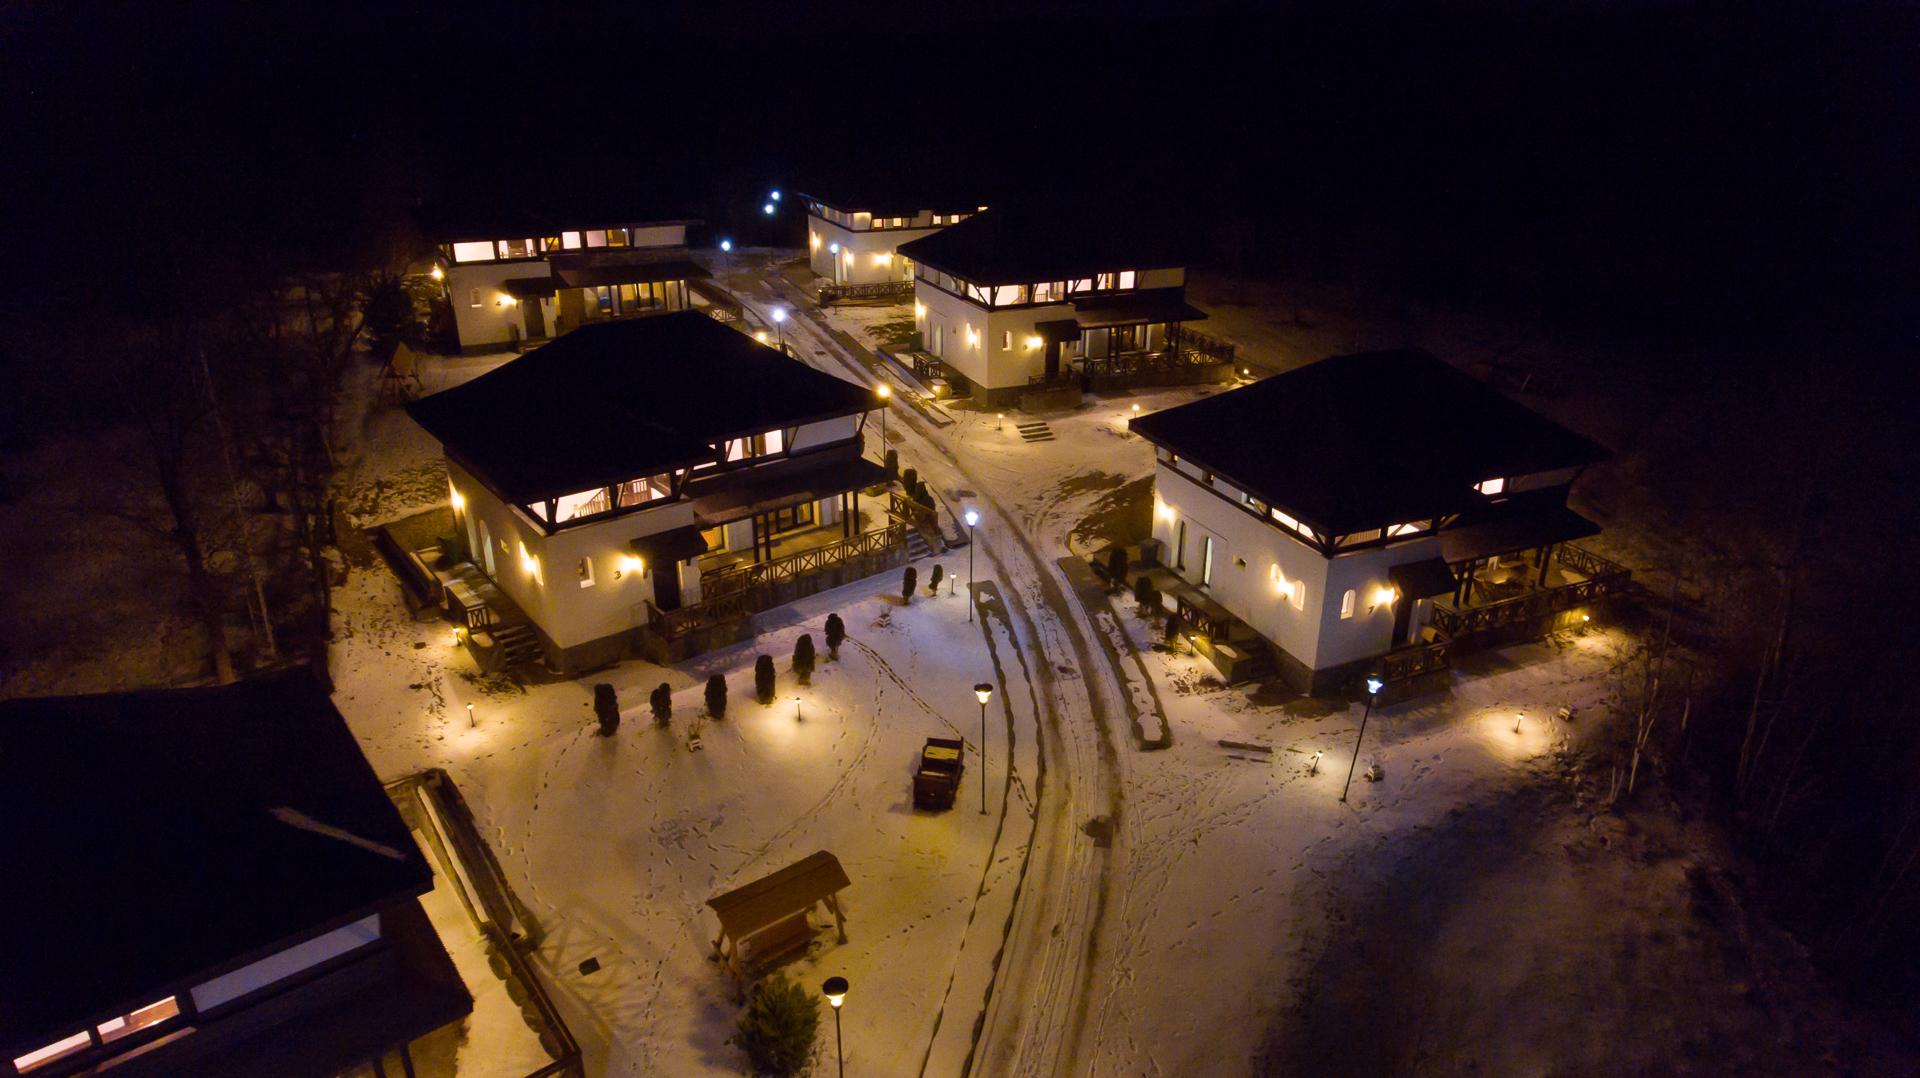 SatulPrunilor_Iarna_Exterior_007